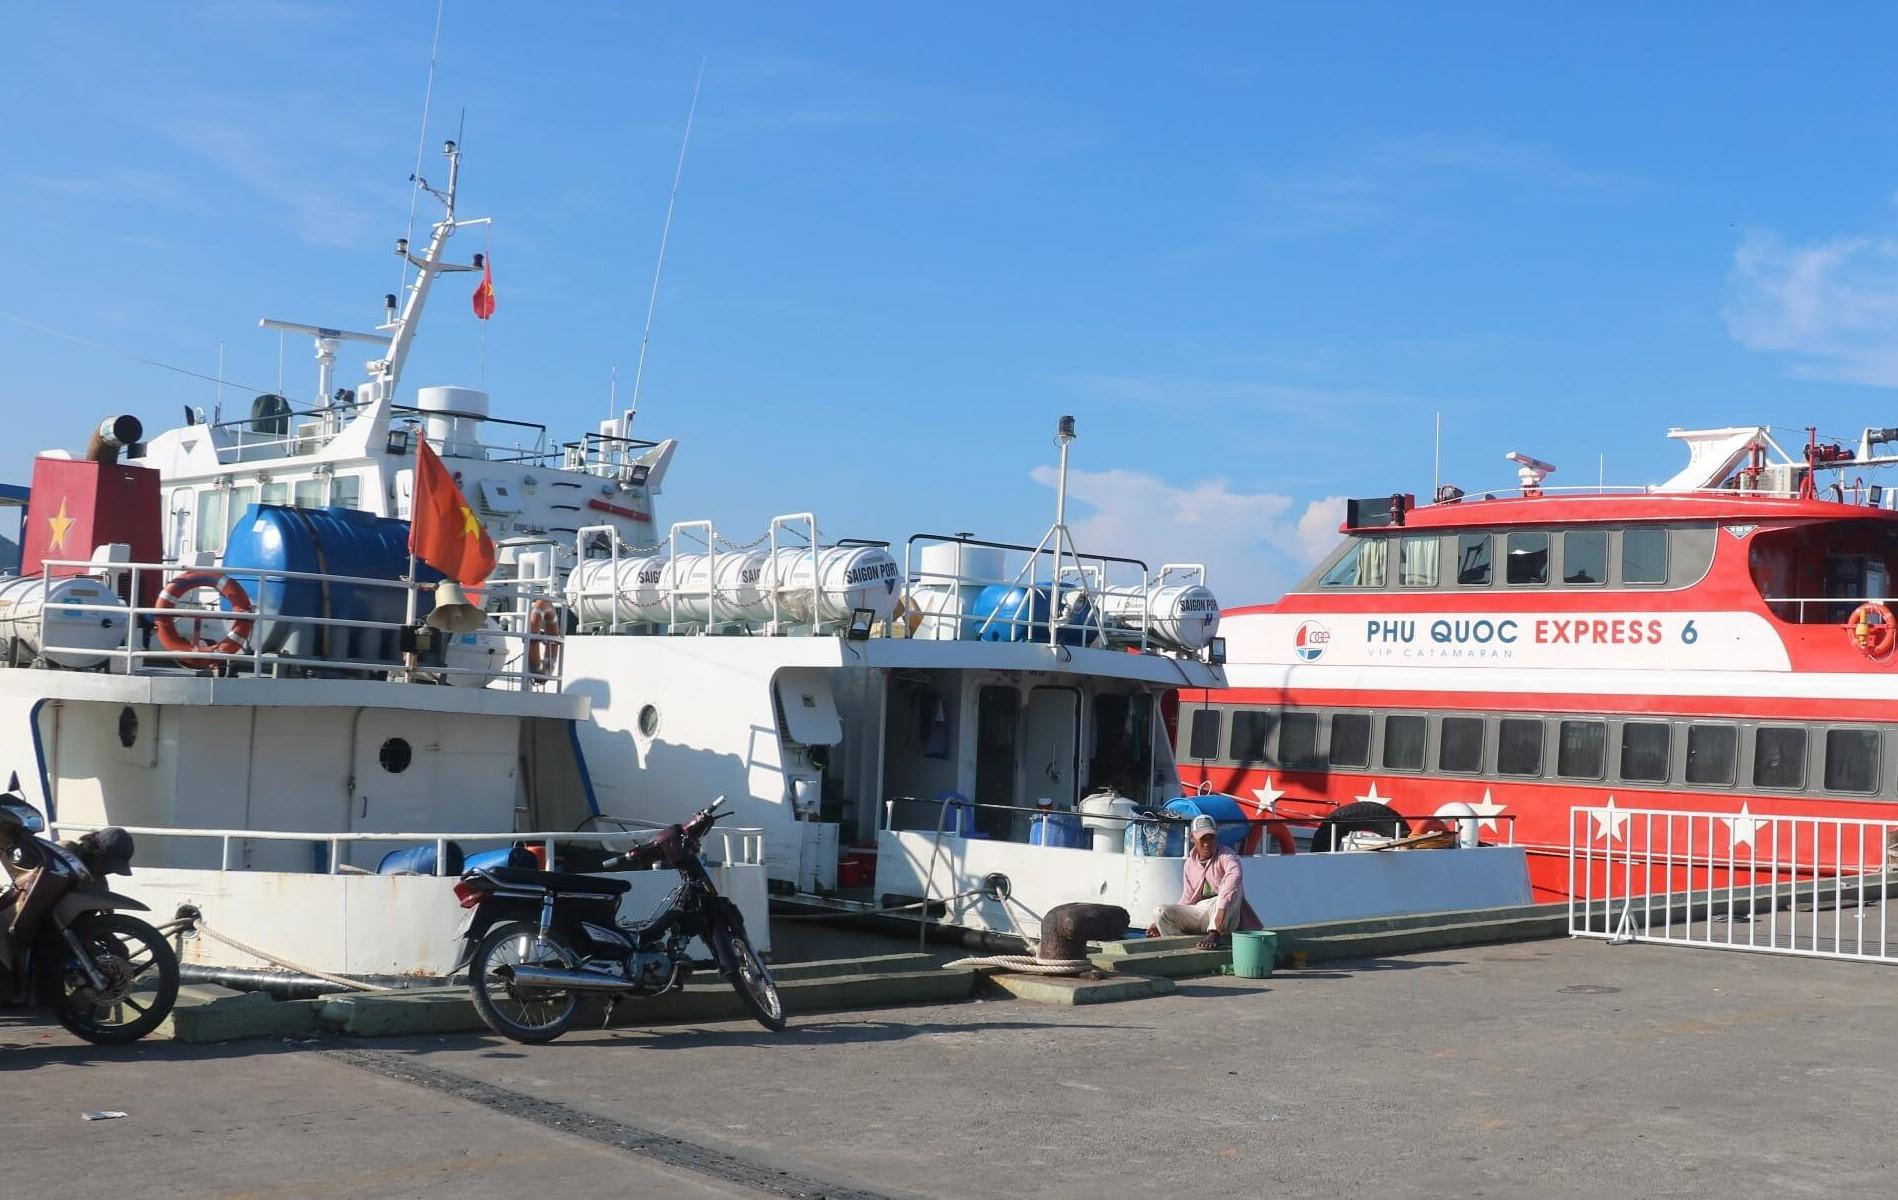 Từ bến tàu Bãi Vòng bạn có thể đến Amarin Resort nhanh nhất